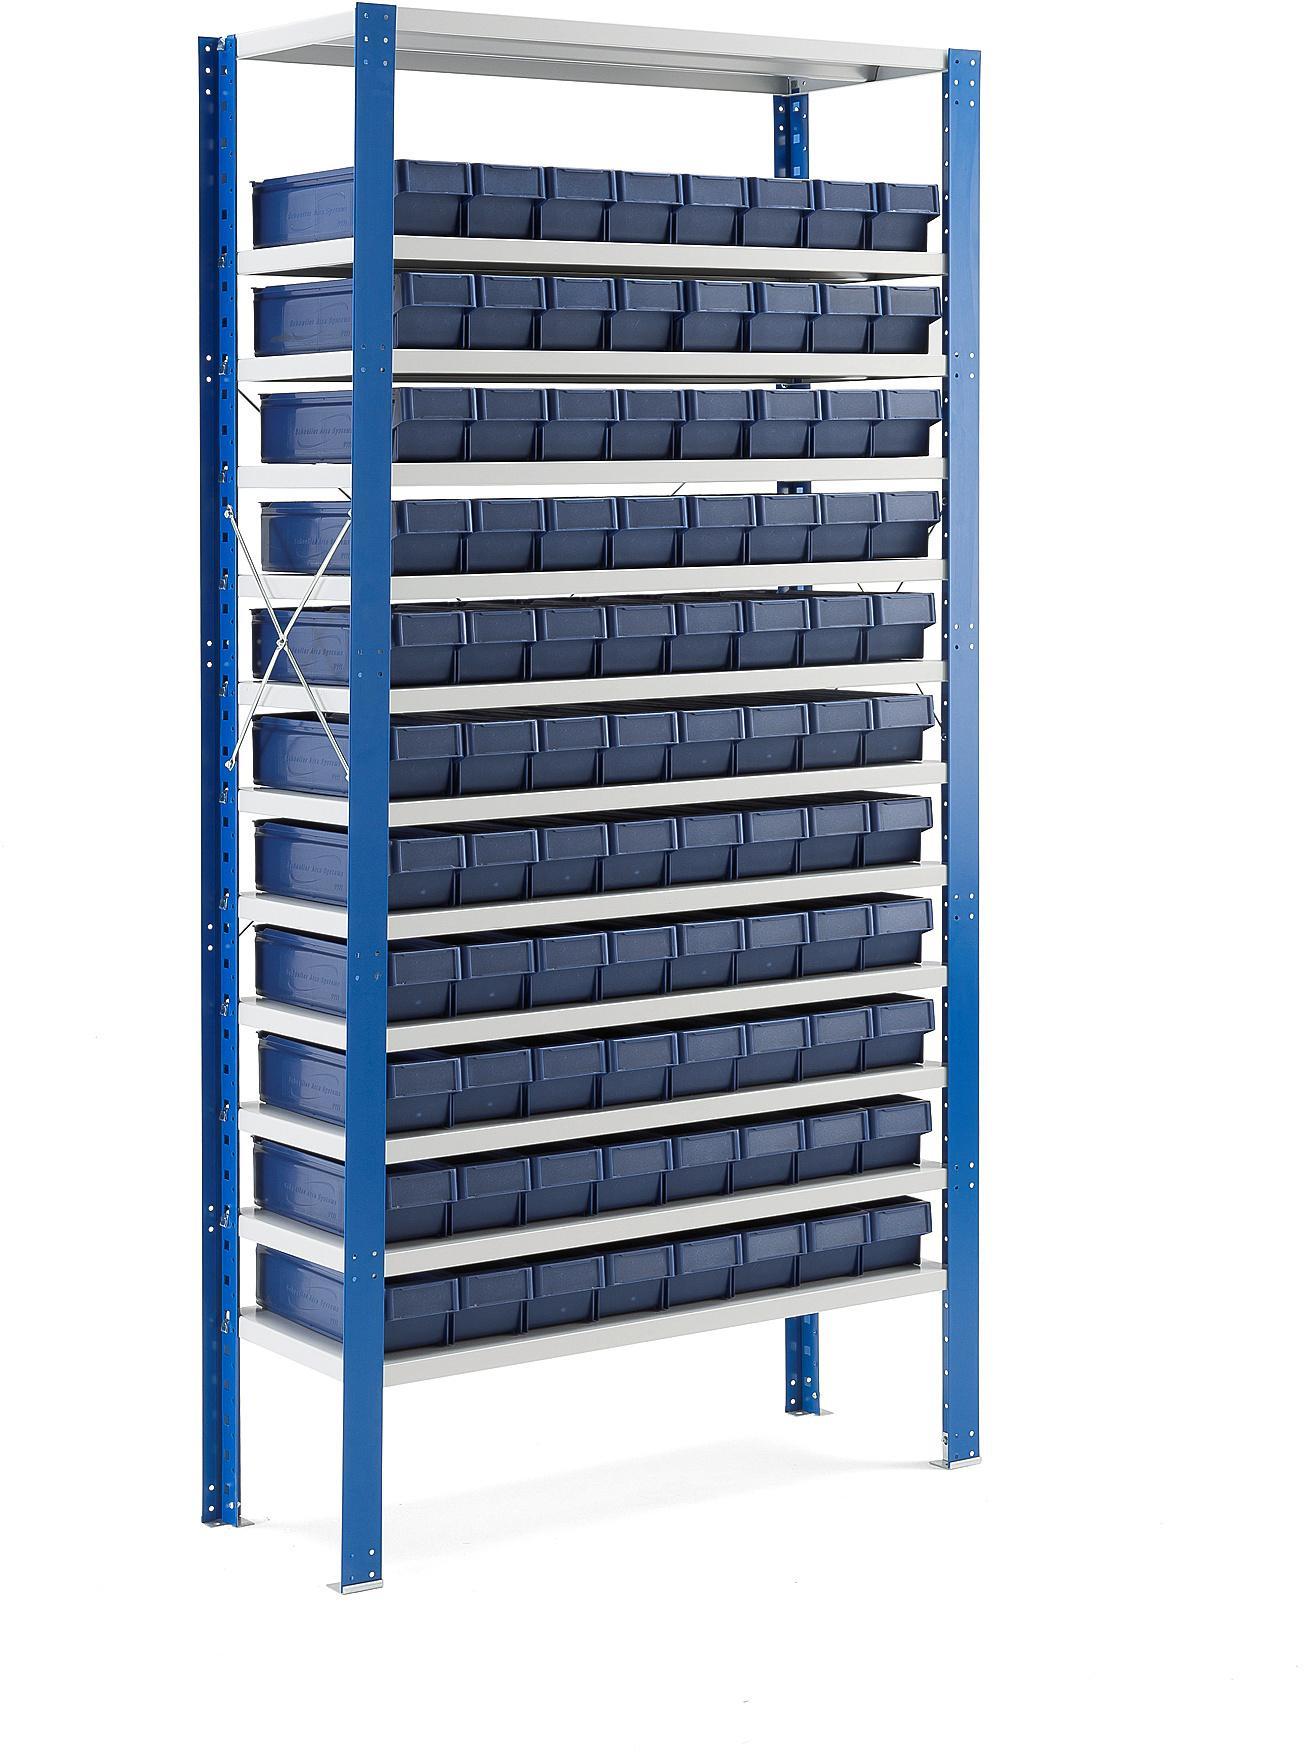 Regál na plastové boxy, 88 boxov, 2100x1000x400 mm, modré boxy